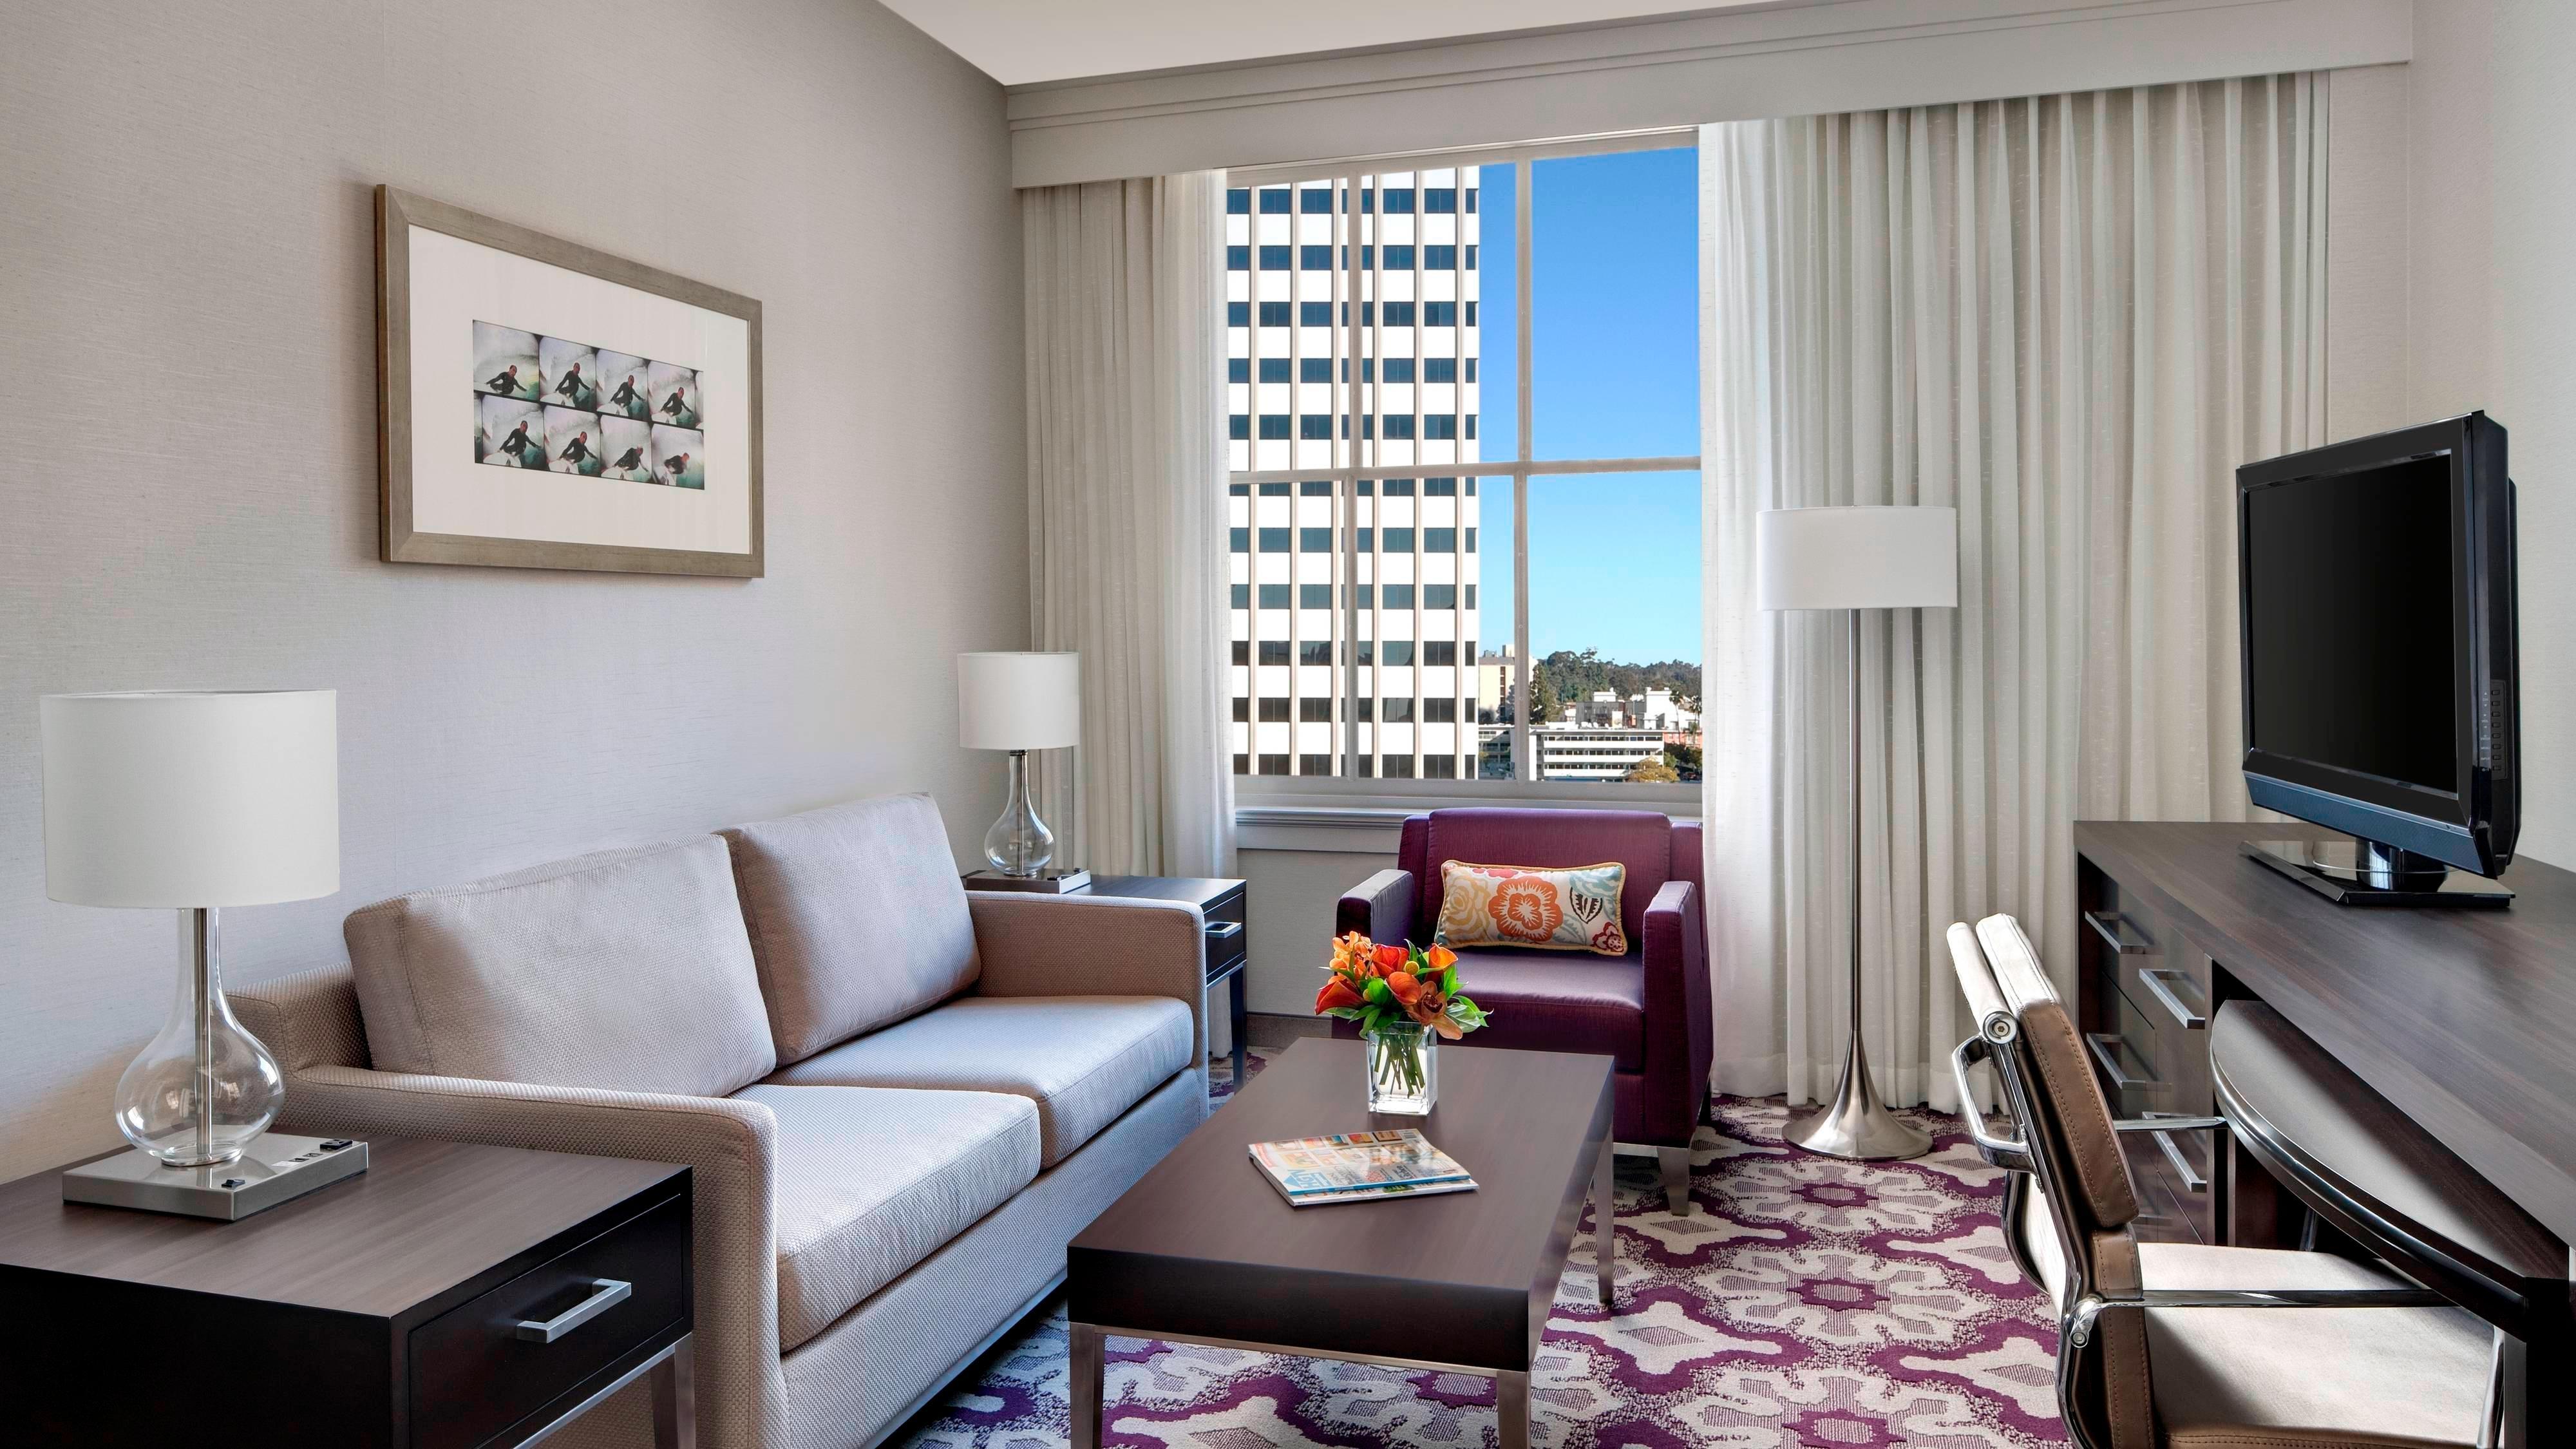 Hotelsuiten in San Diego